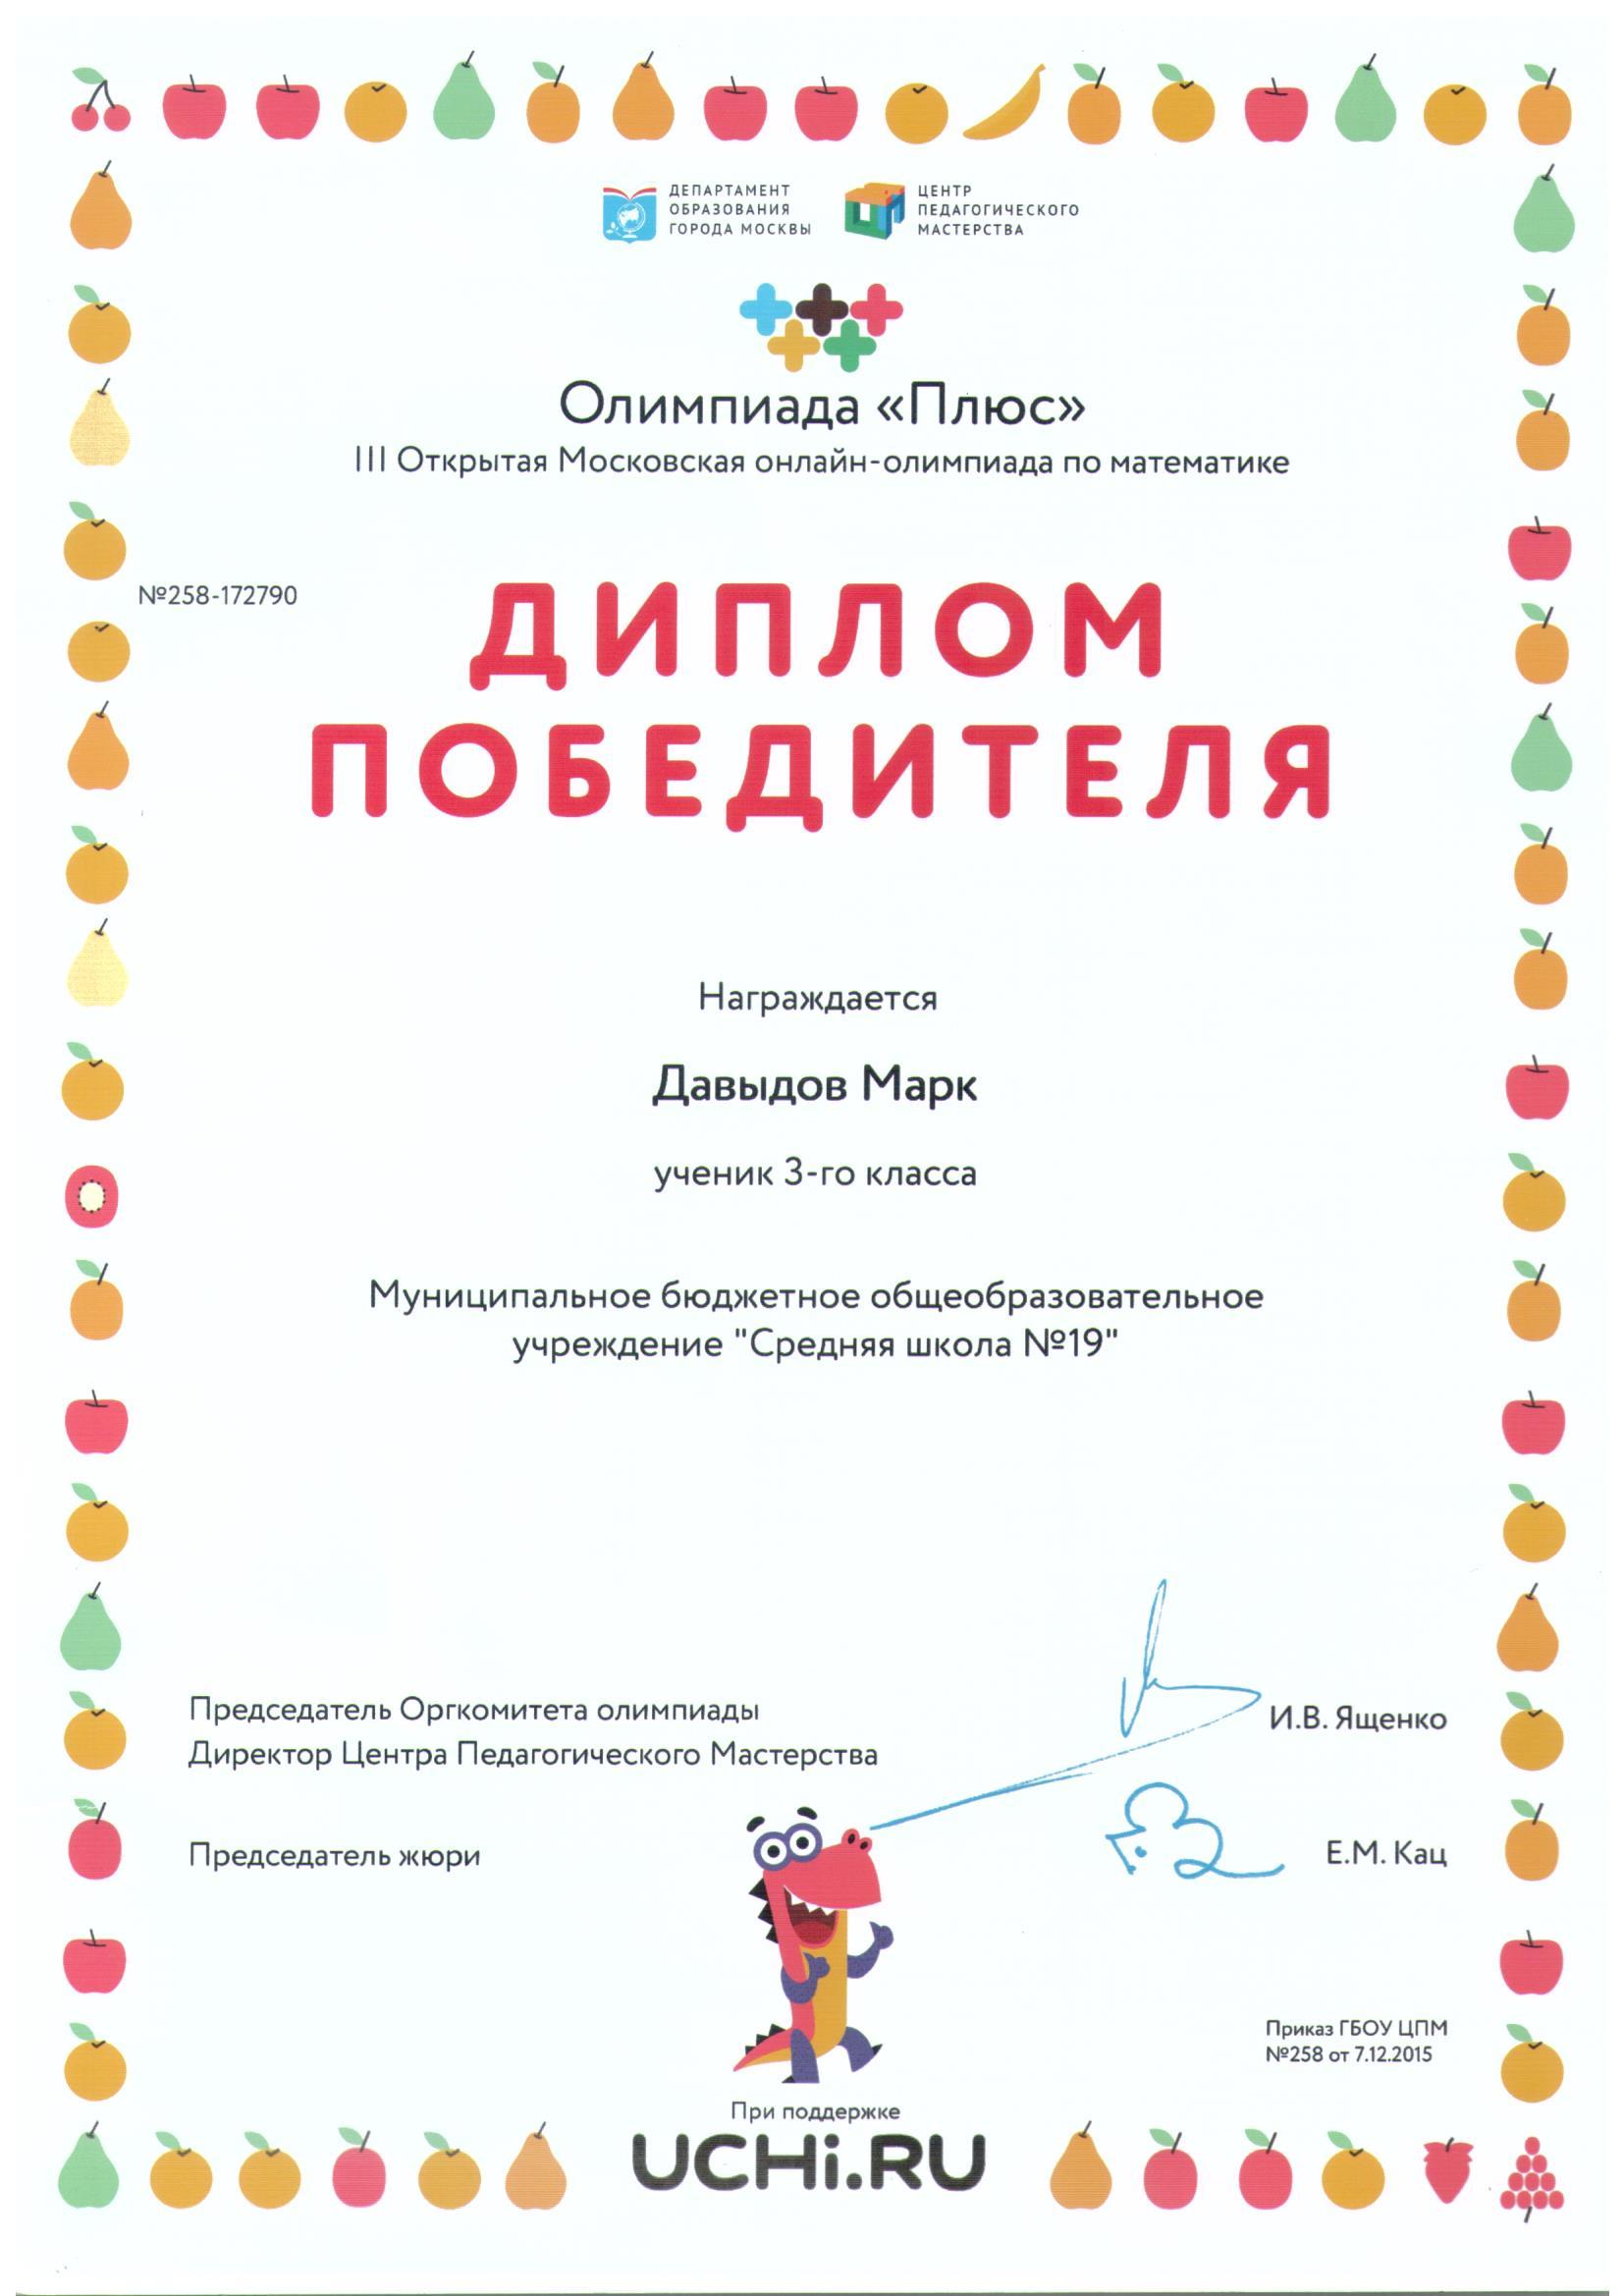 Болсуновская Марина Владимировна Диплом победителя Олимпиада Плюс 2016 год